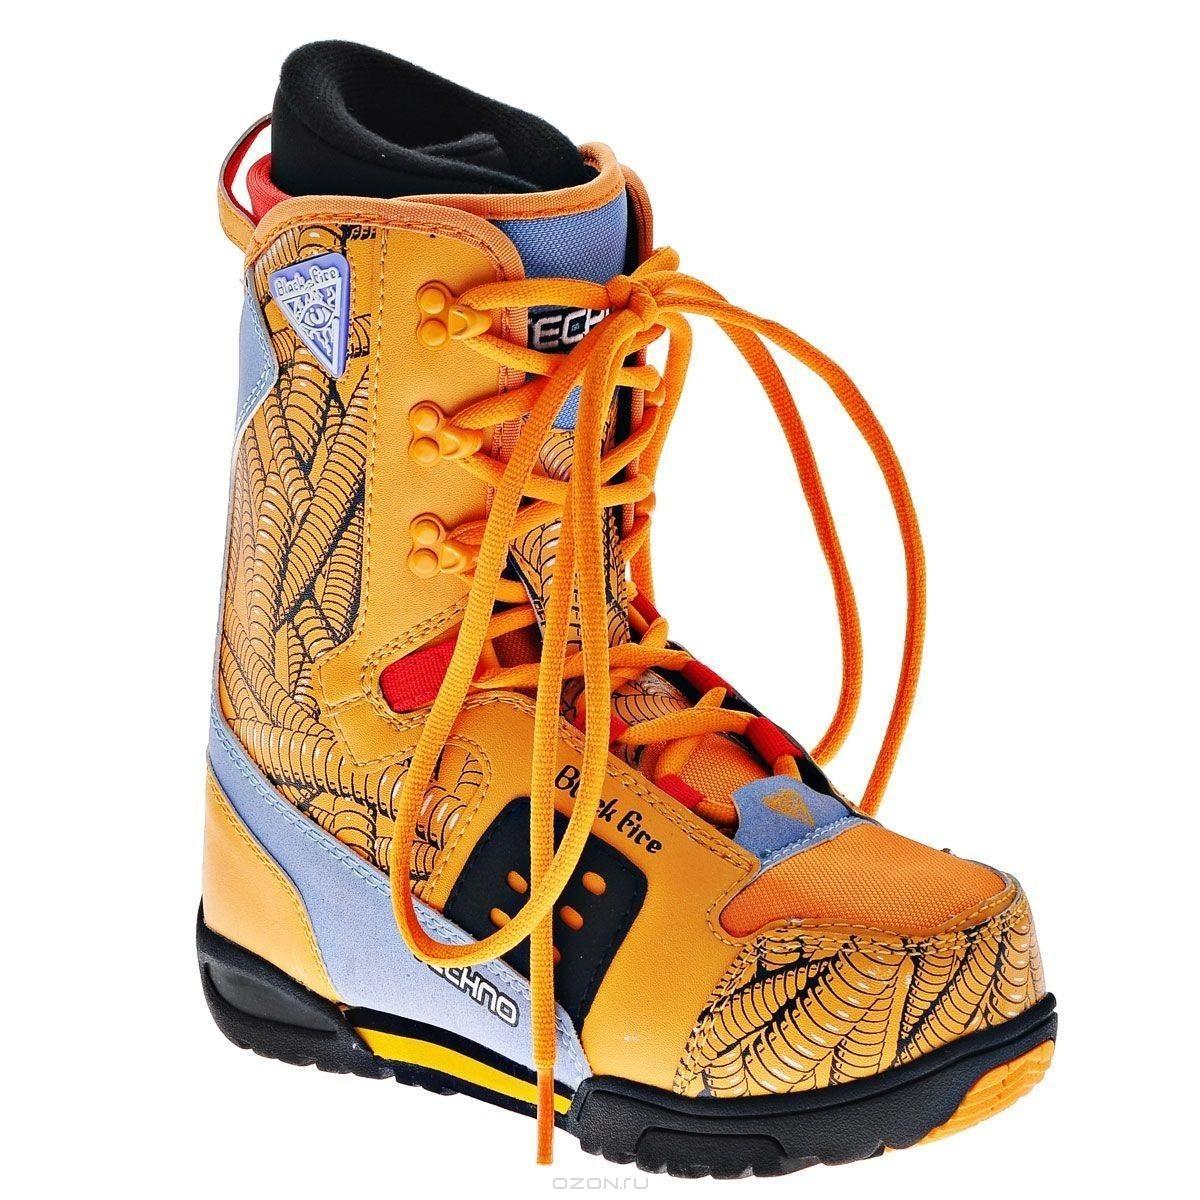 Ботинки для сноуборда Black Fire Junior Boy, оранжевый. Размер 36